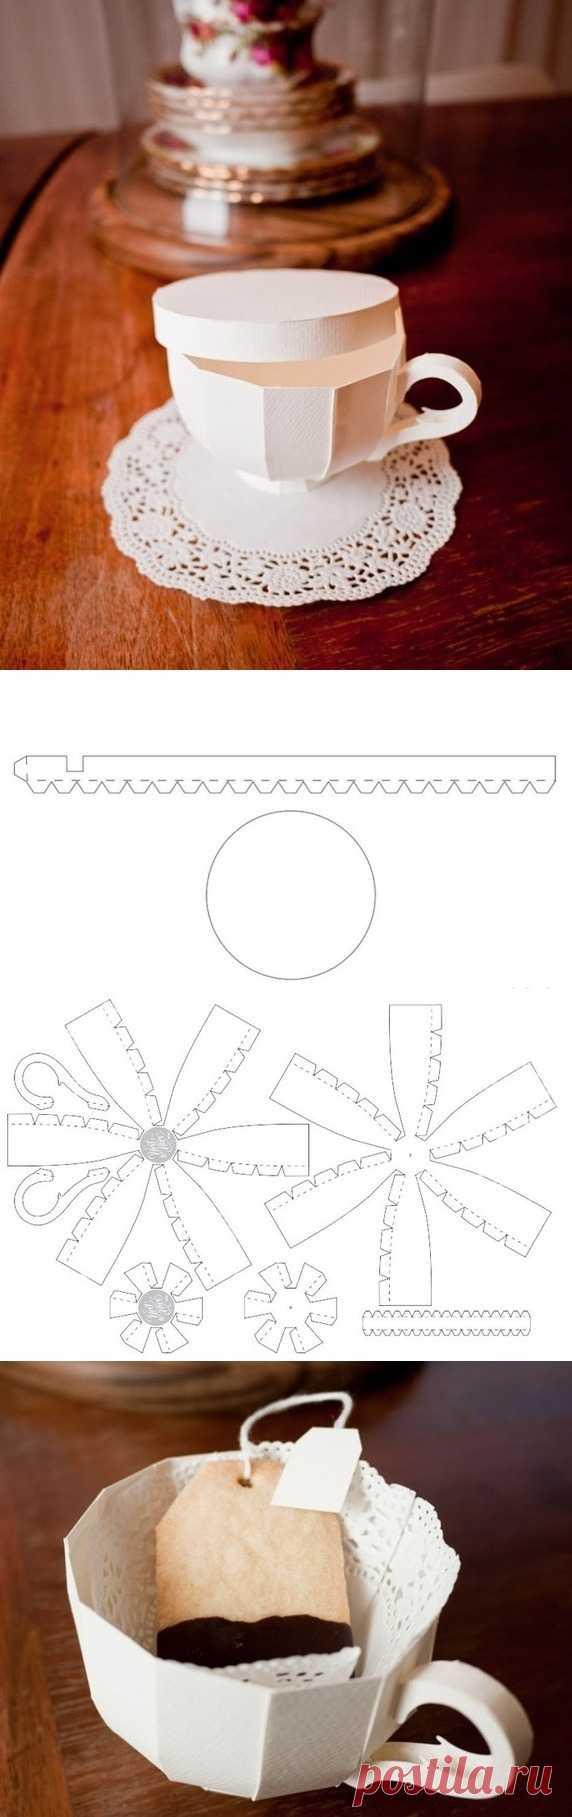 Потрясающе необычная коробочка- чашка. (Мастер-класс с шаблоном по клику на картинку). Обратите внимание какие печенюшки забавные можно сделать!